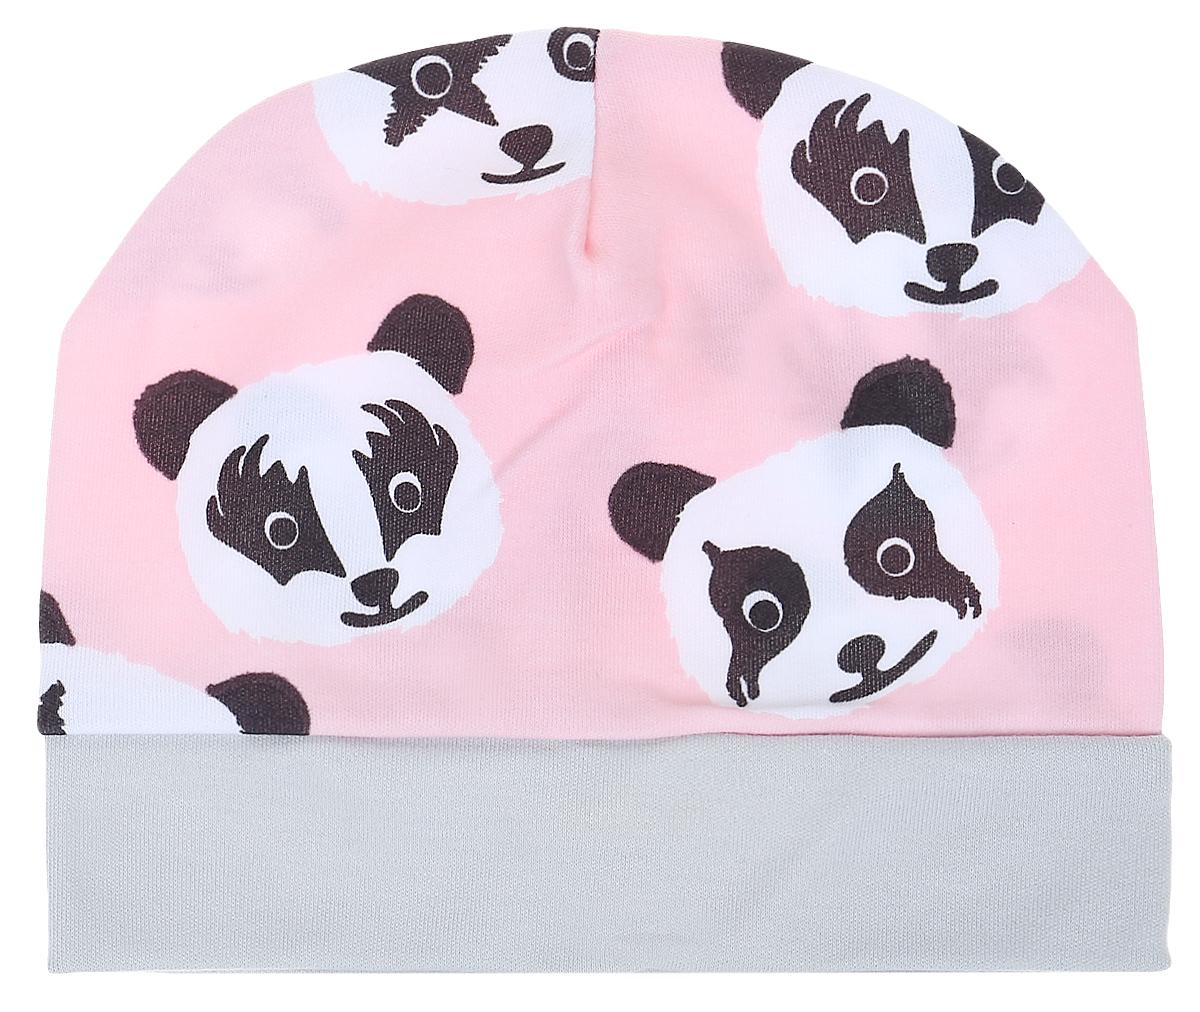 Чепчик детский КотМарКот, цвет: розовый. 8522. Размер 408522Чепчик КотМарКот выполнен из натурального хлопка и оформлен оригинальным принтом с пандами.Модель по низу дополнена широкой резинкой.